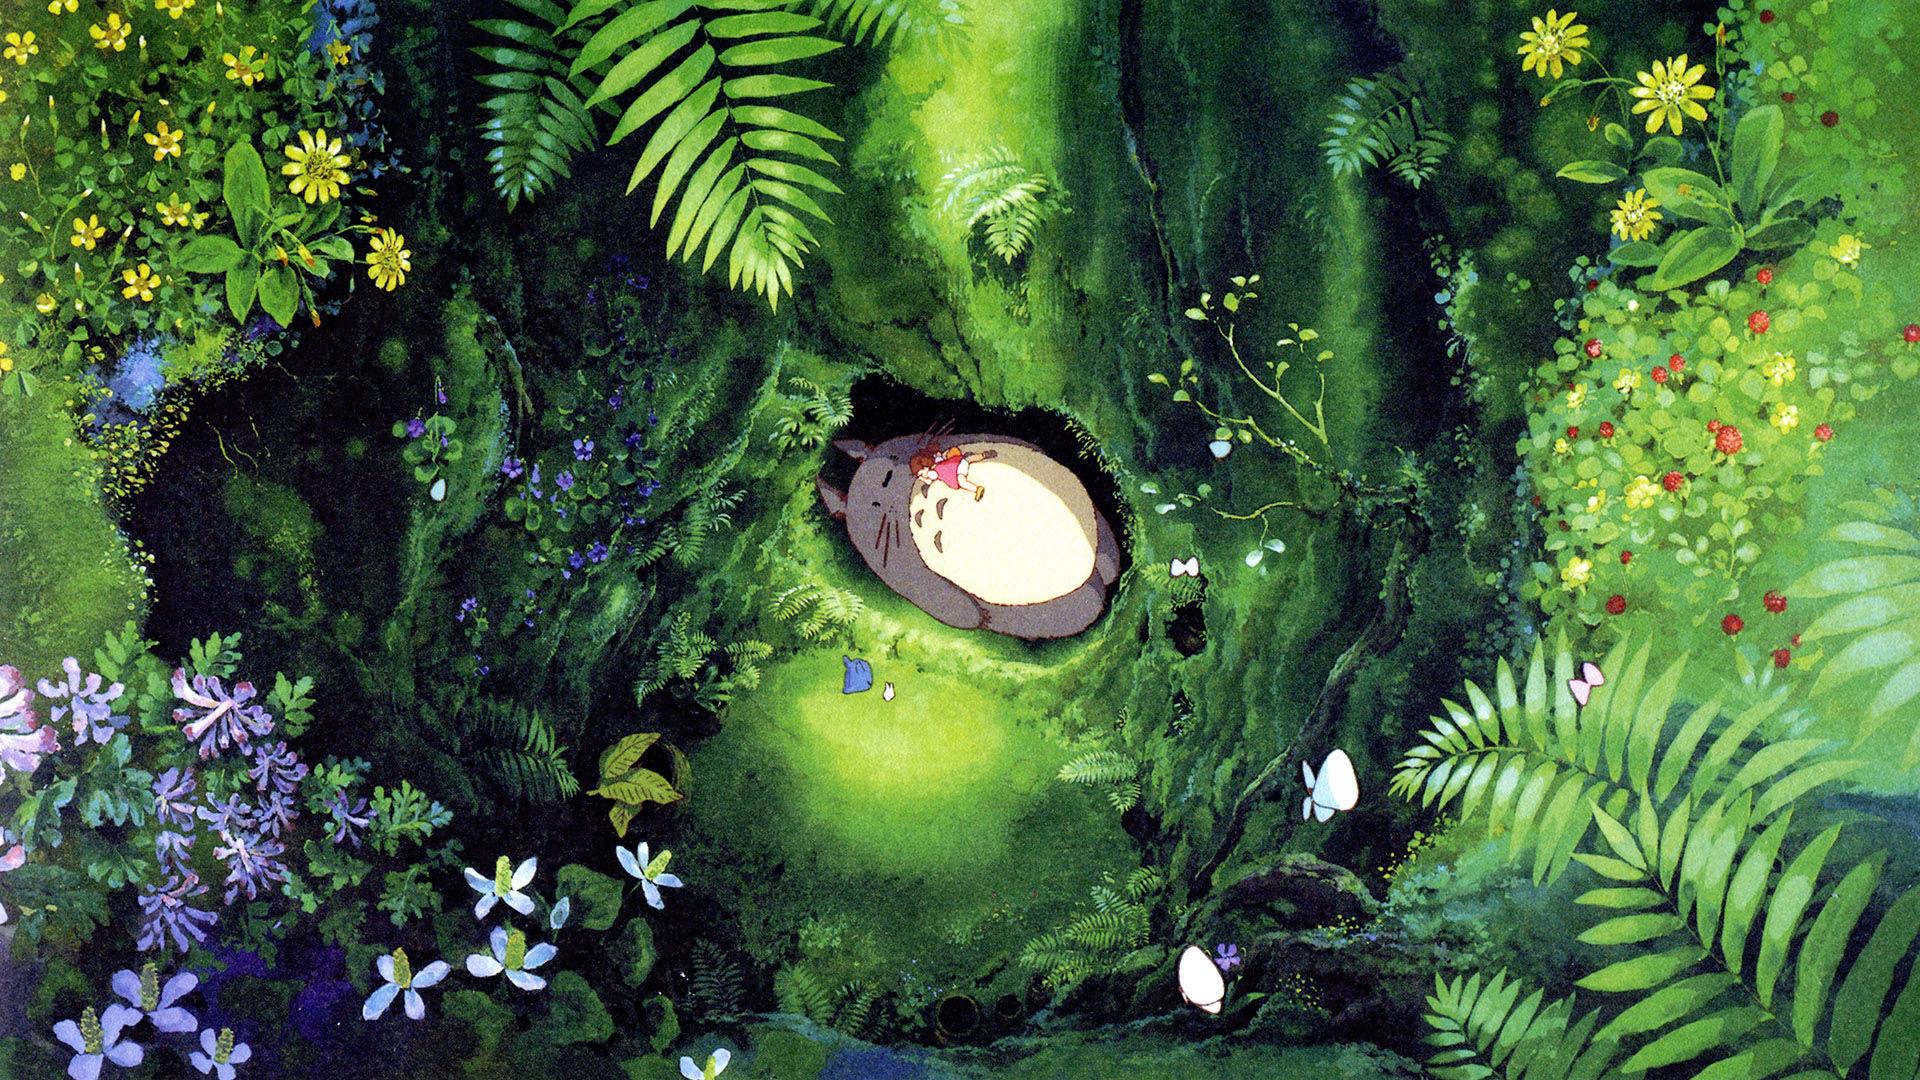 11861 - ¿Serías capaz de relacionar estas imágenes con las películas de Ghibli a las que pertenecen?